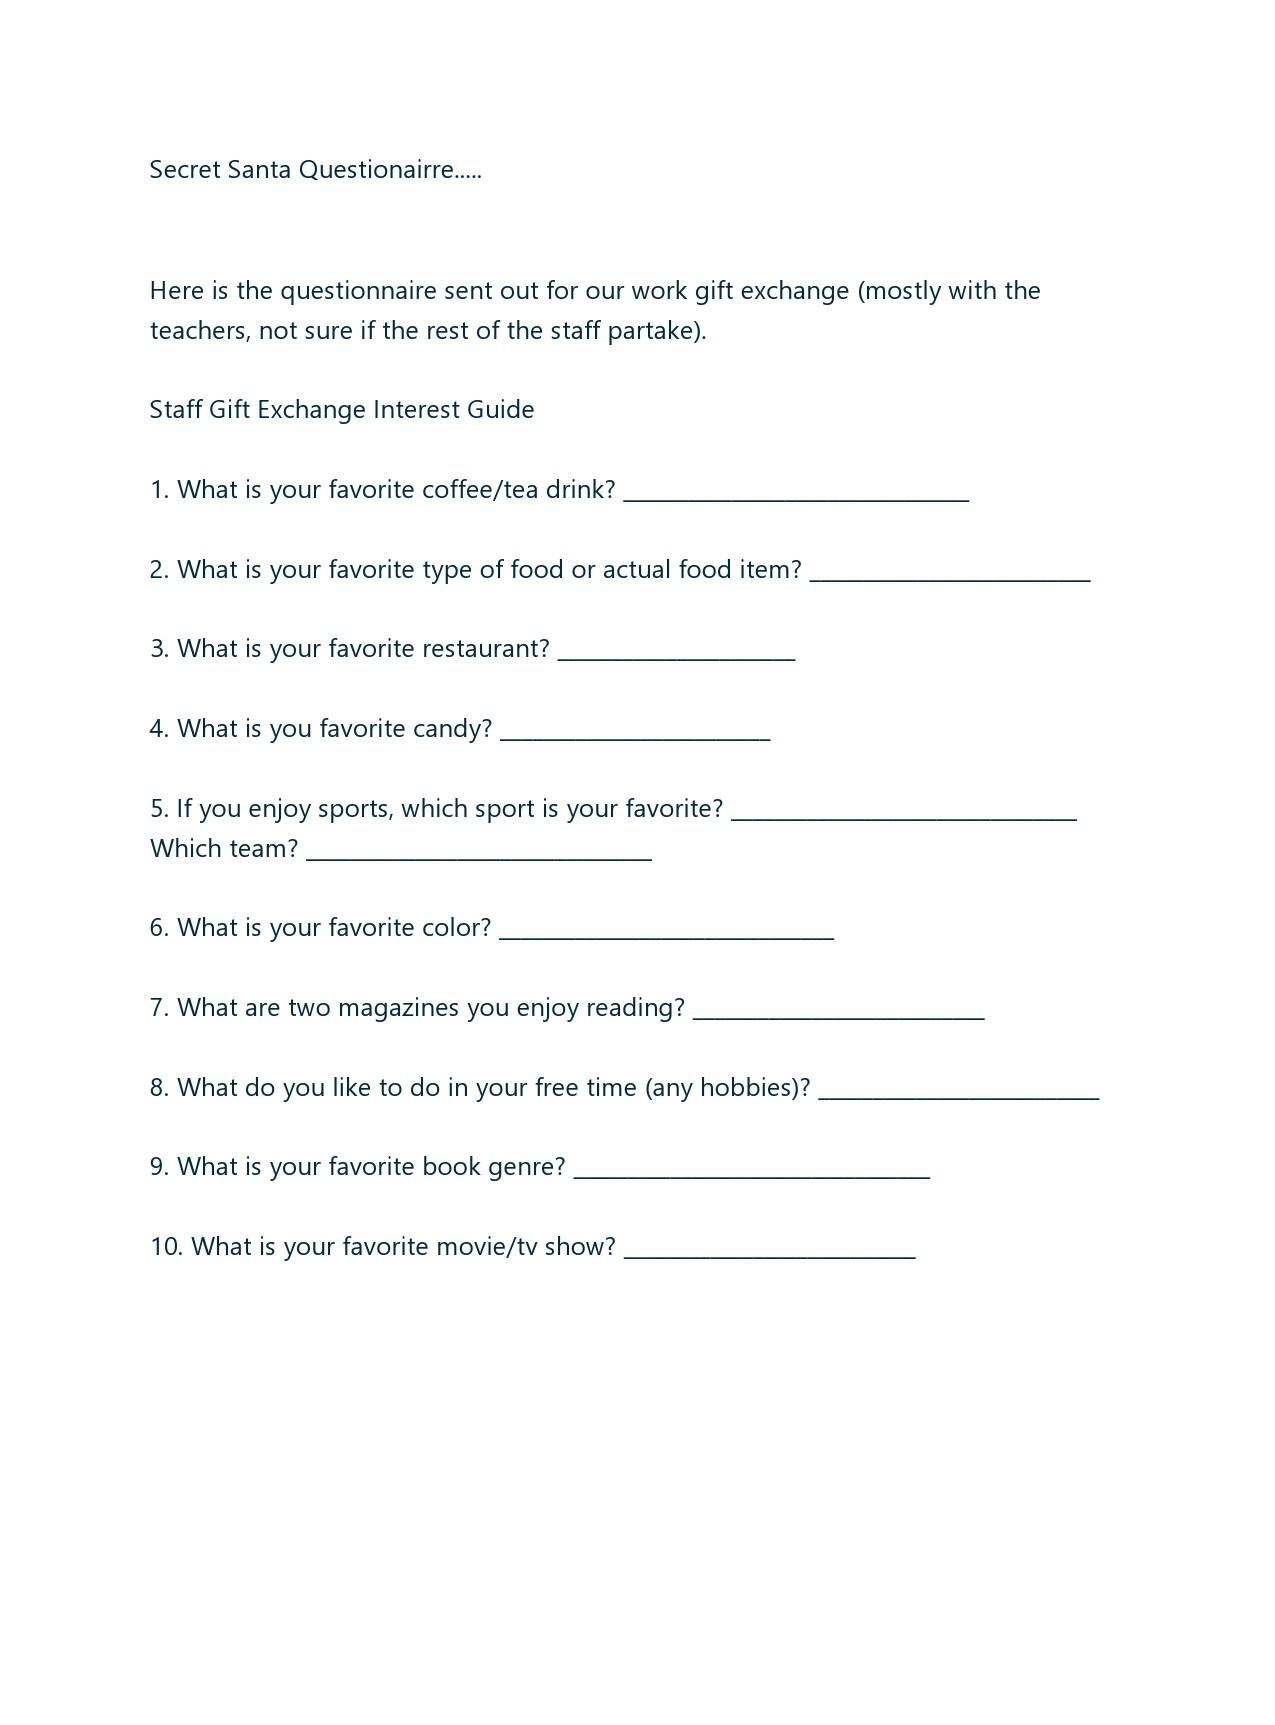 Free secret santa questionnaire 15